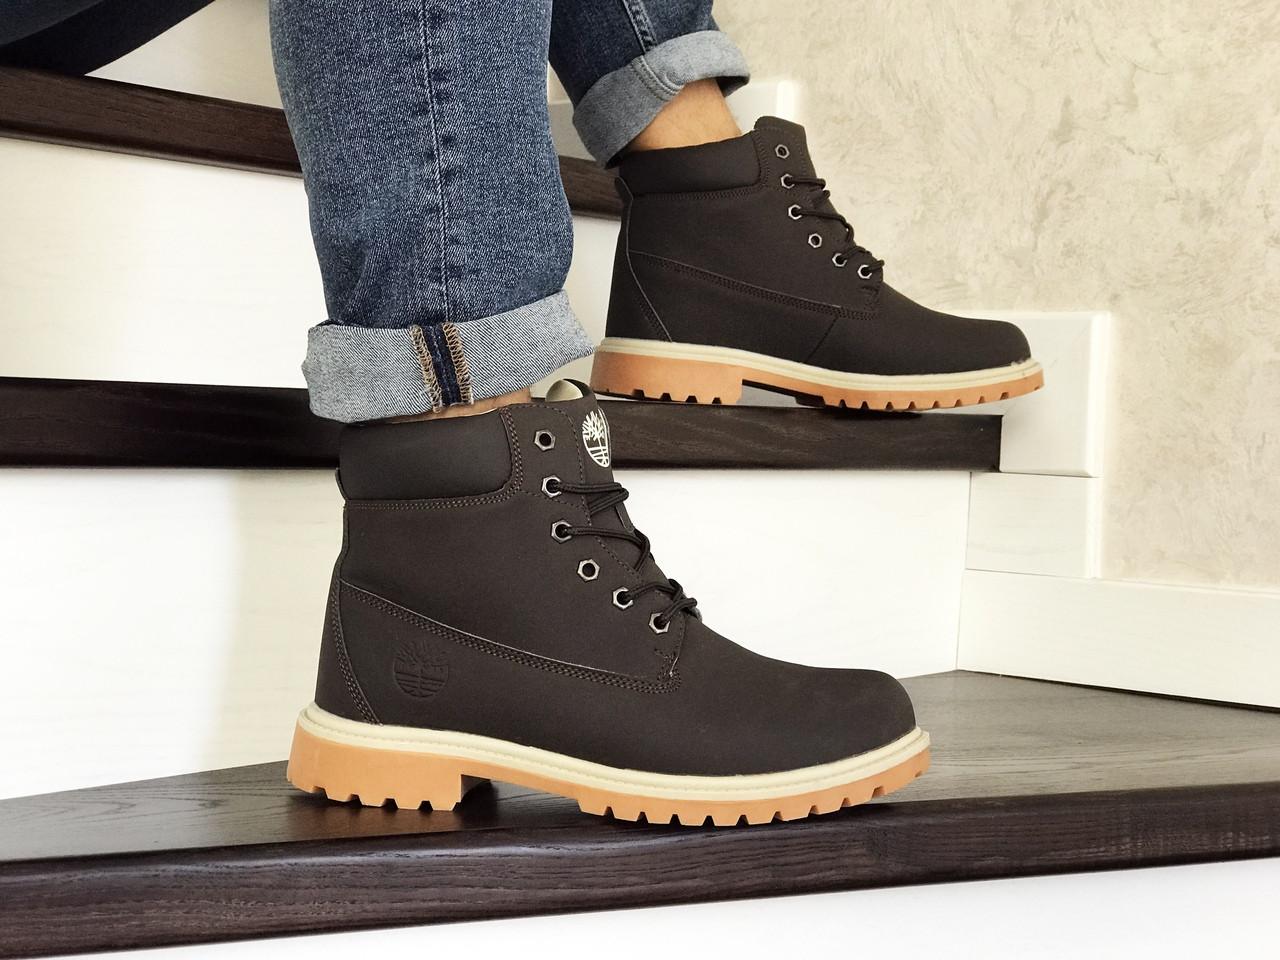 Мужские зимние ботинки Timberland коричневые,на меху